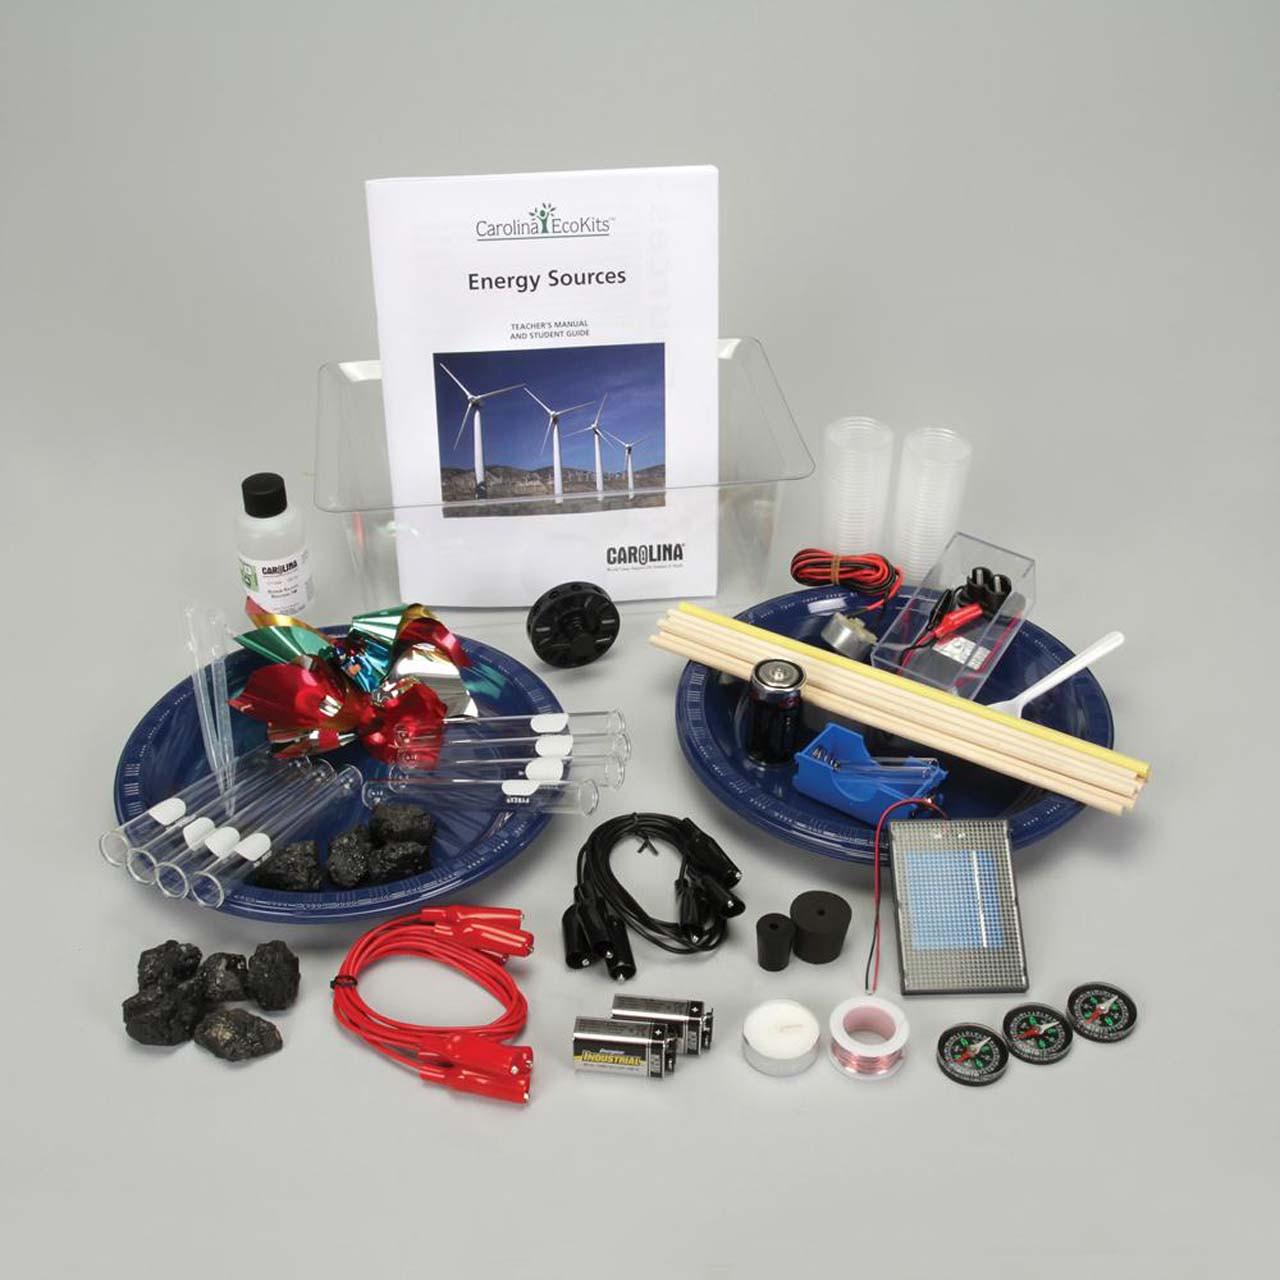 Energy Sources, Carolina EcoKit